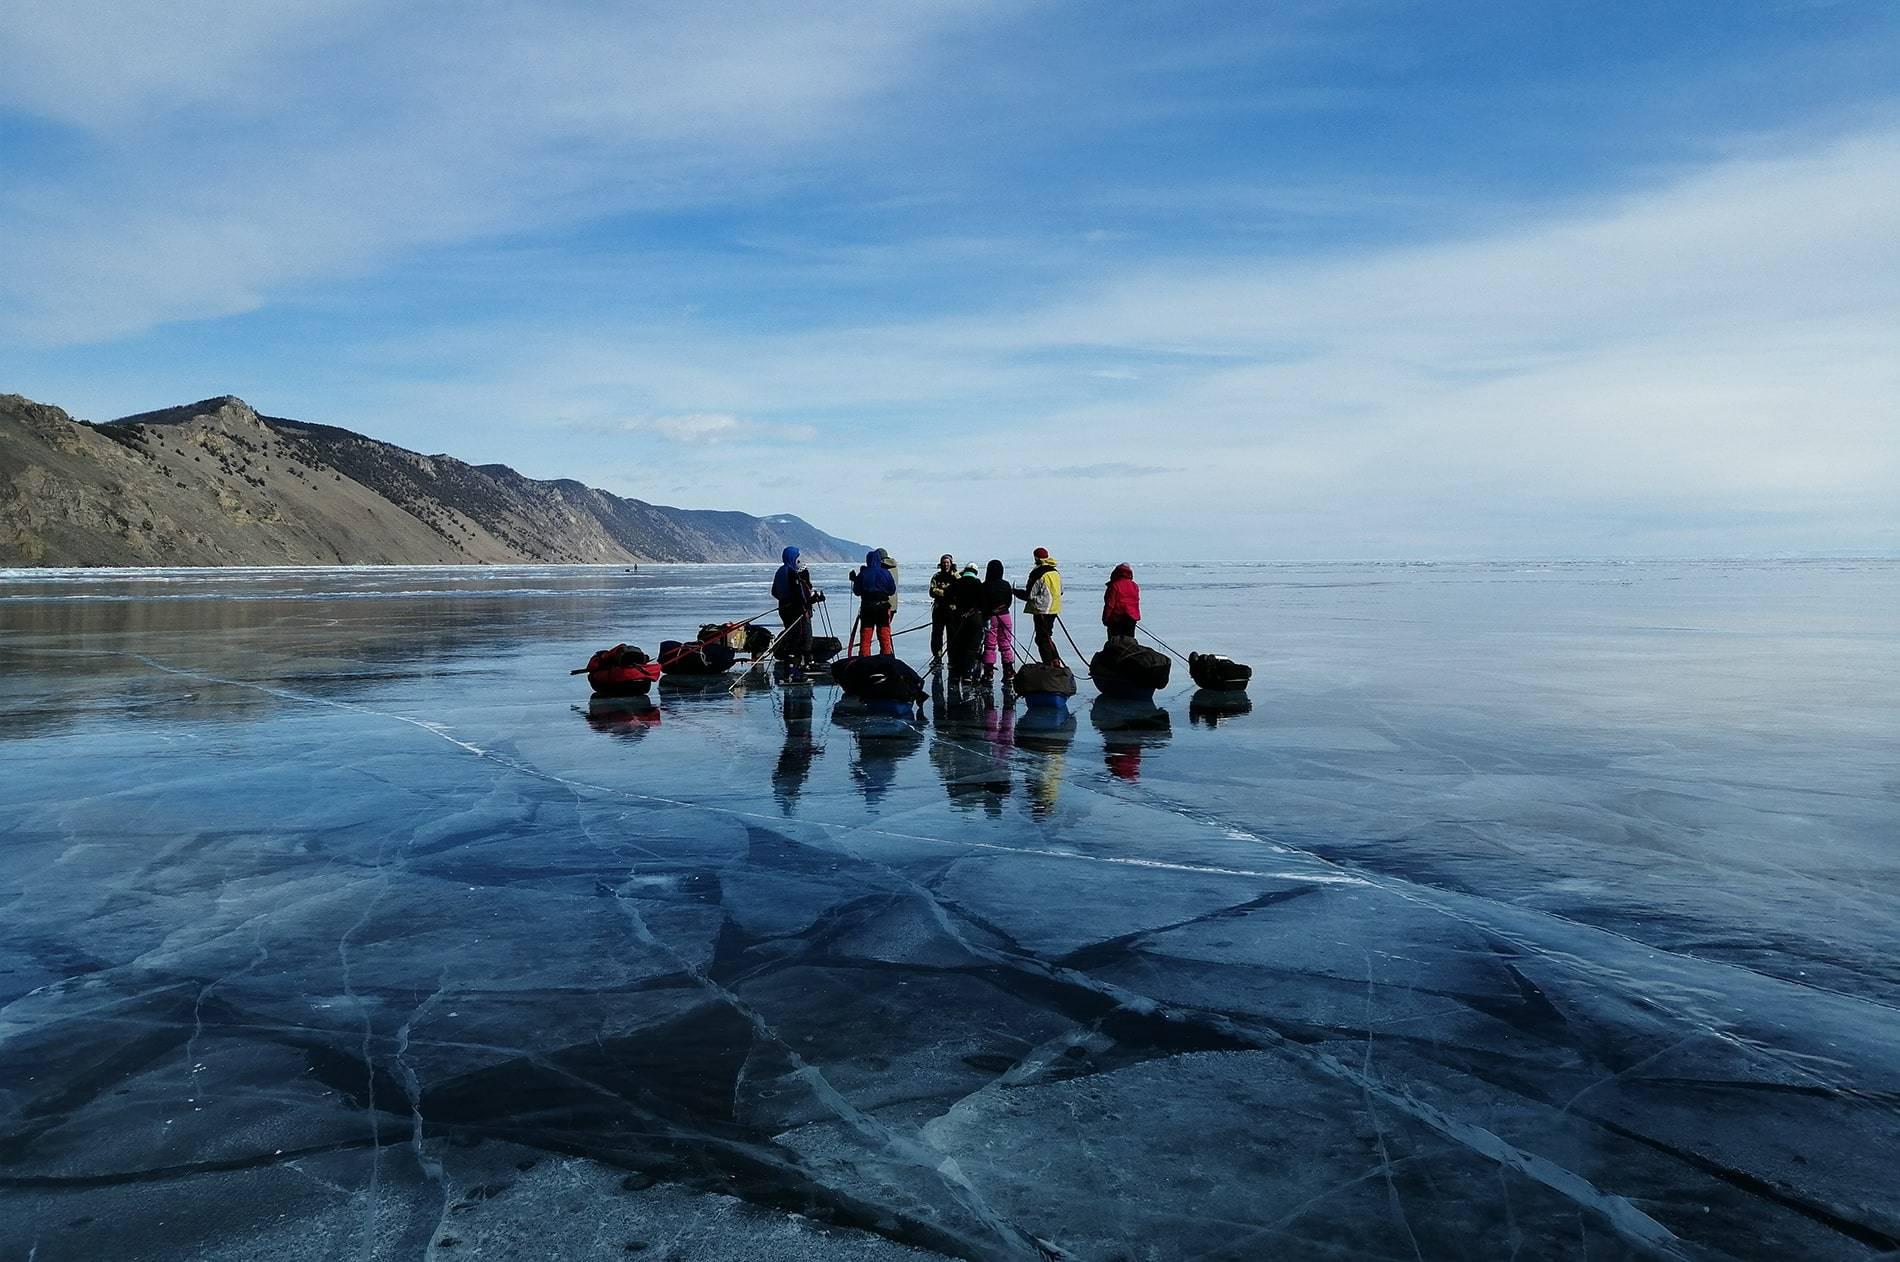 Зима на байкале 2021 — лучший зимний отдых в россии (когда ехать, куда и где искать самый красивый лёд) - сайт елены чемезовой